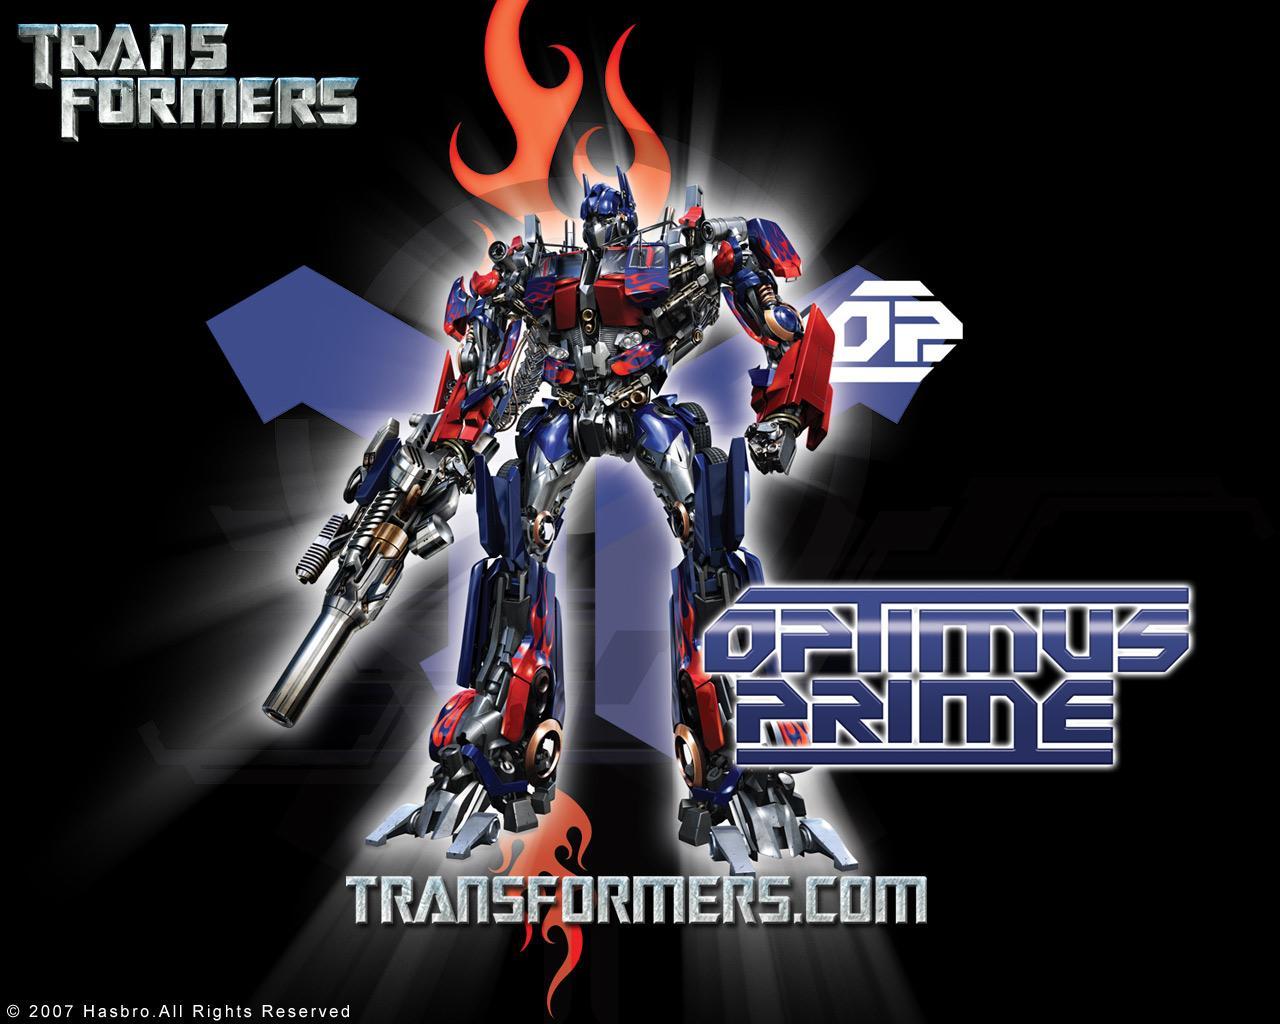 1280x1024px transformers prime wallpaper - wallpapersafari